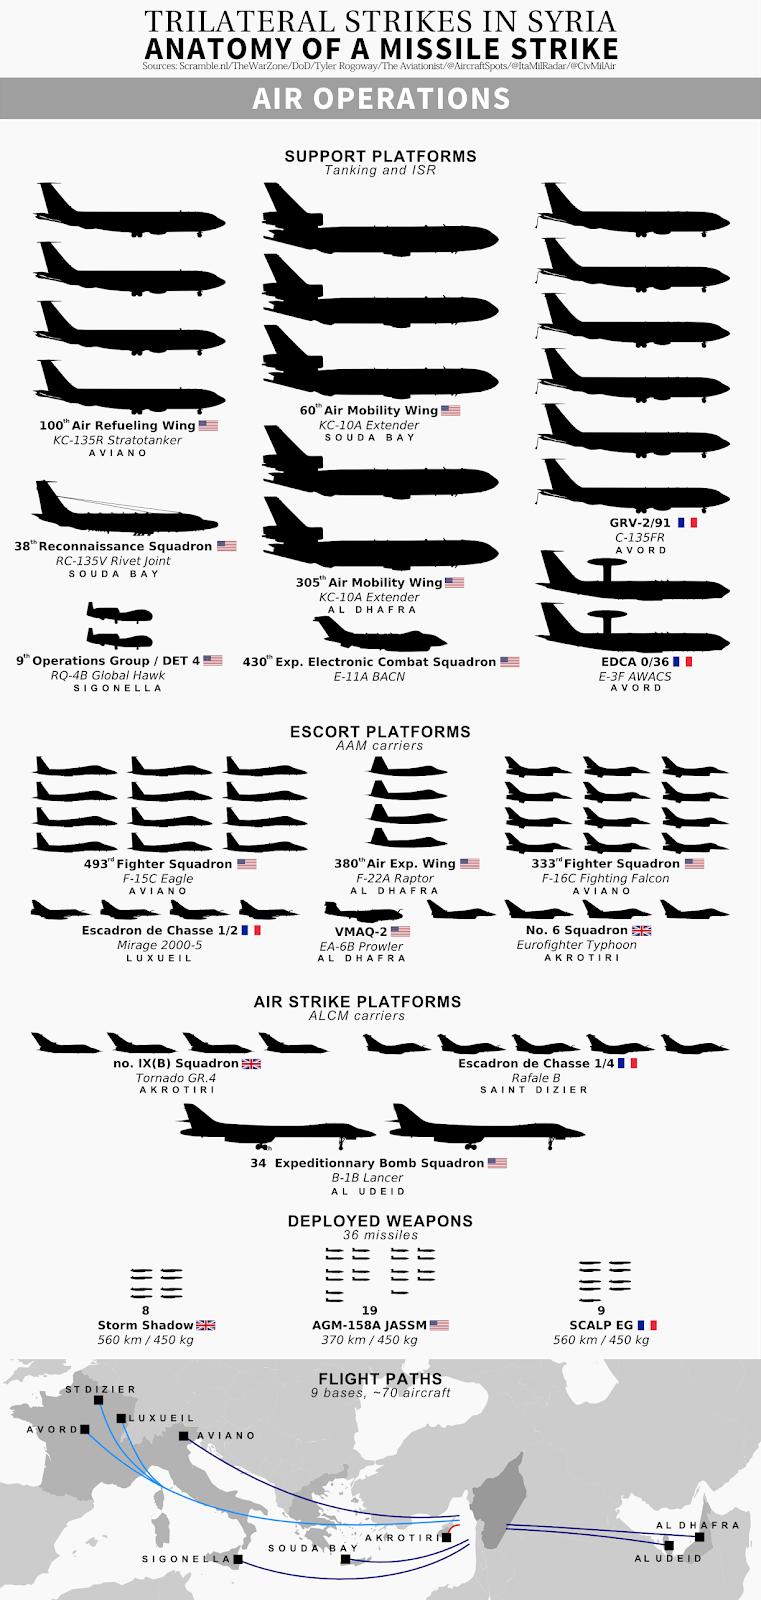 Самолеты США, Великобритании и Франции, использованные 13 апреля 2018 года при атаке на Сирию.